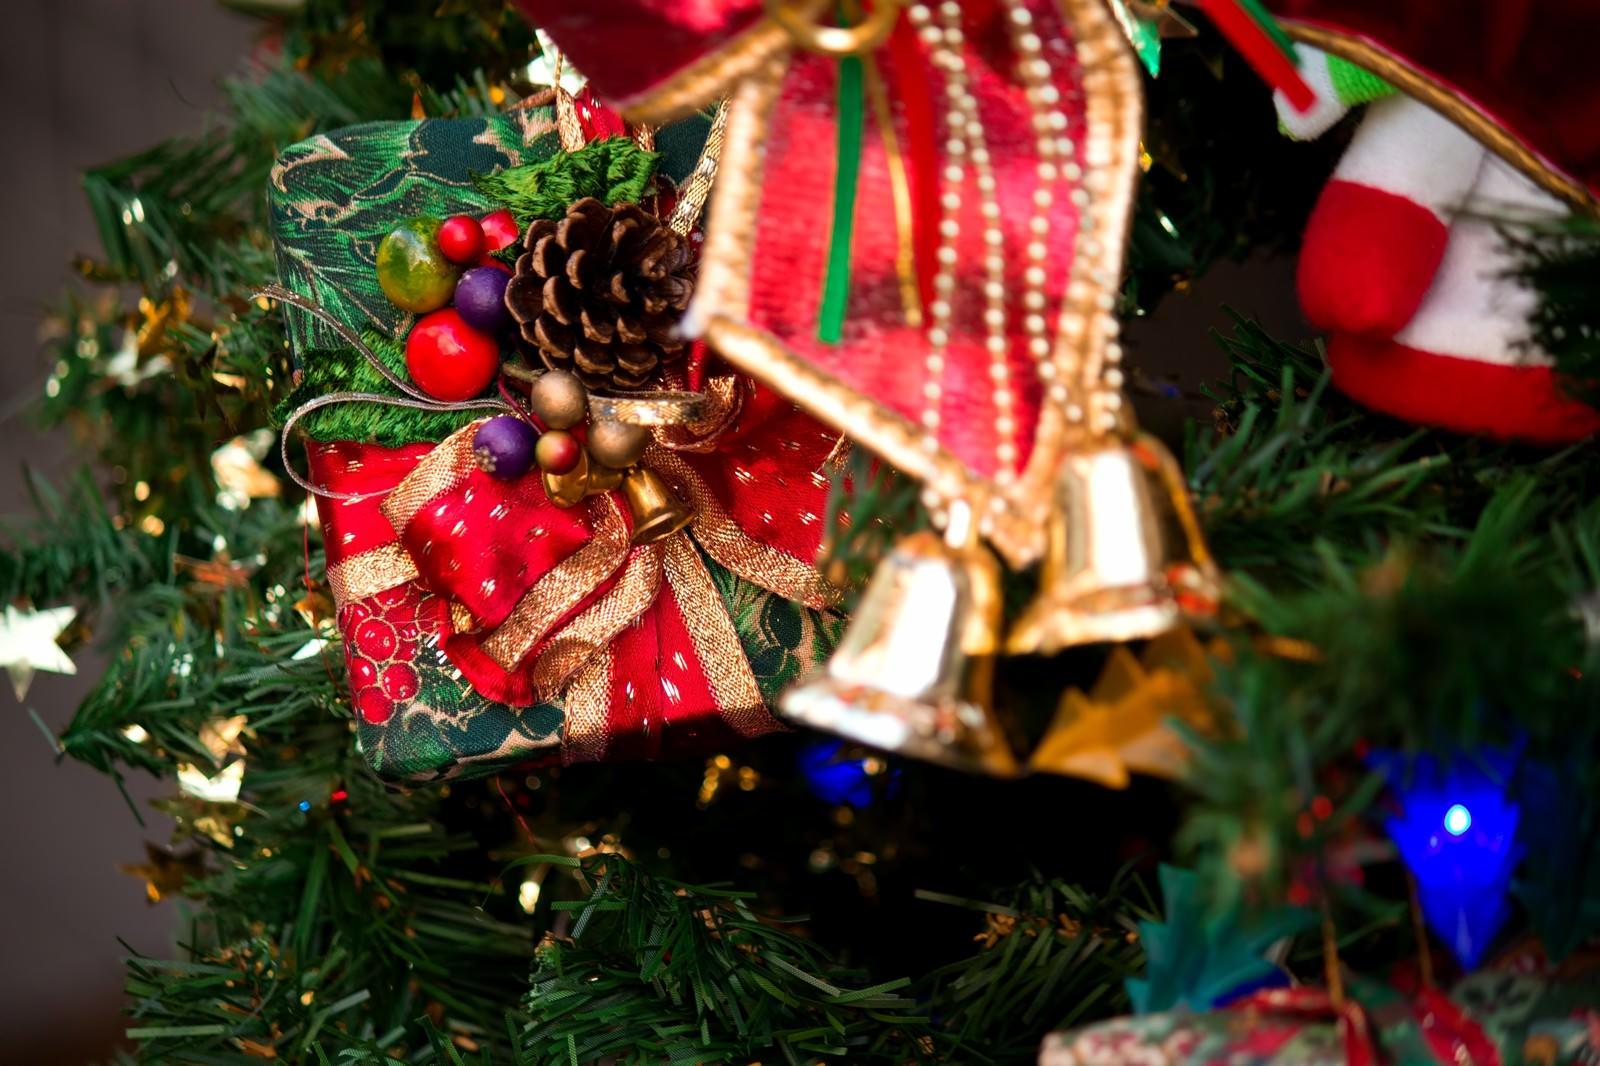 「クリスマスのプレゼントとツリークリスマスのプレゼントとツリー」のフリー写真素材を拡大